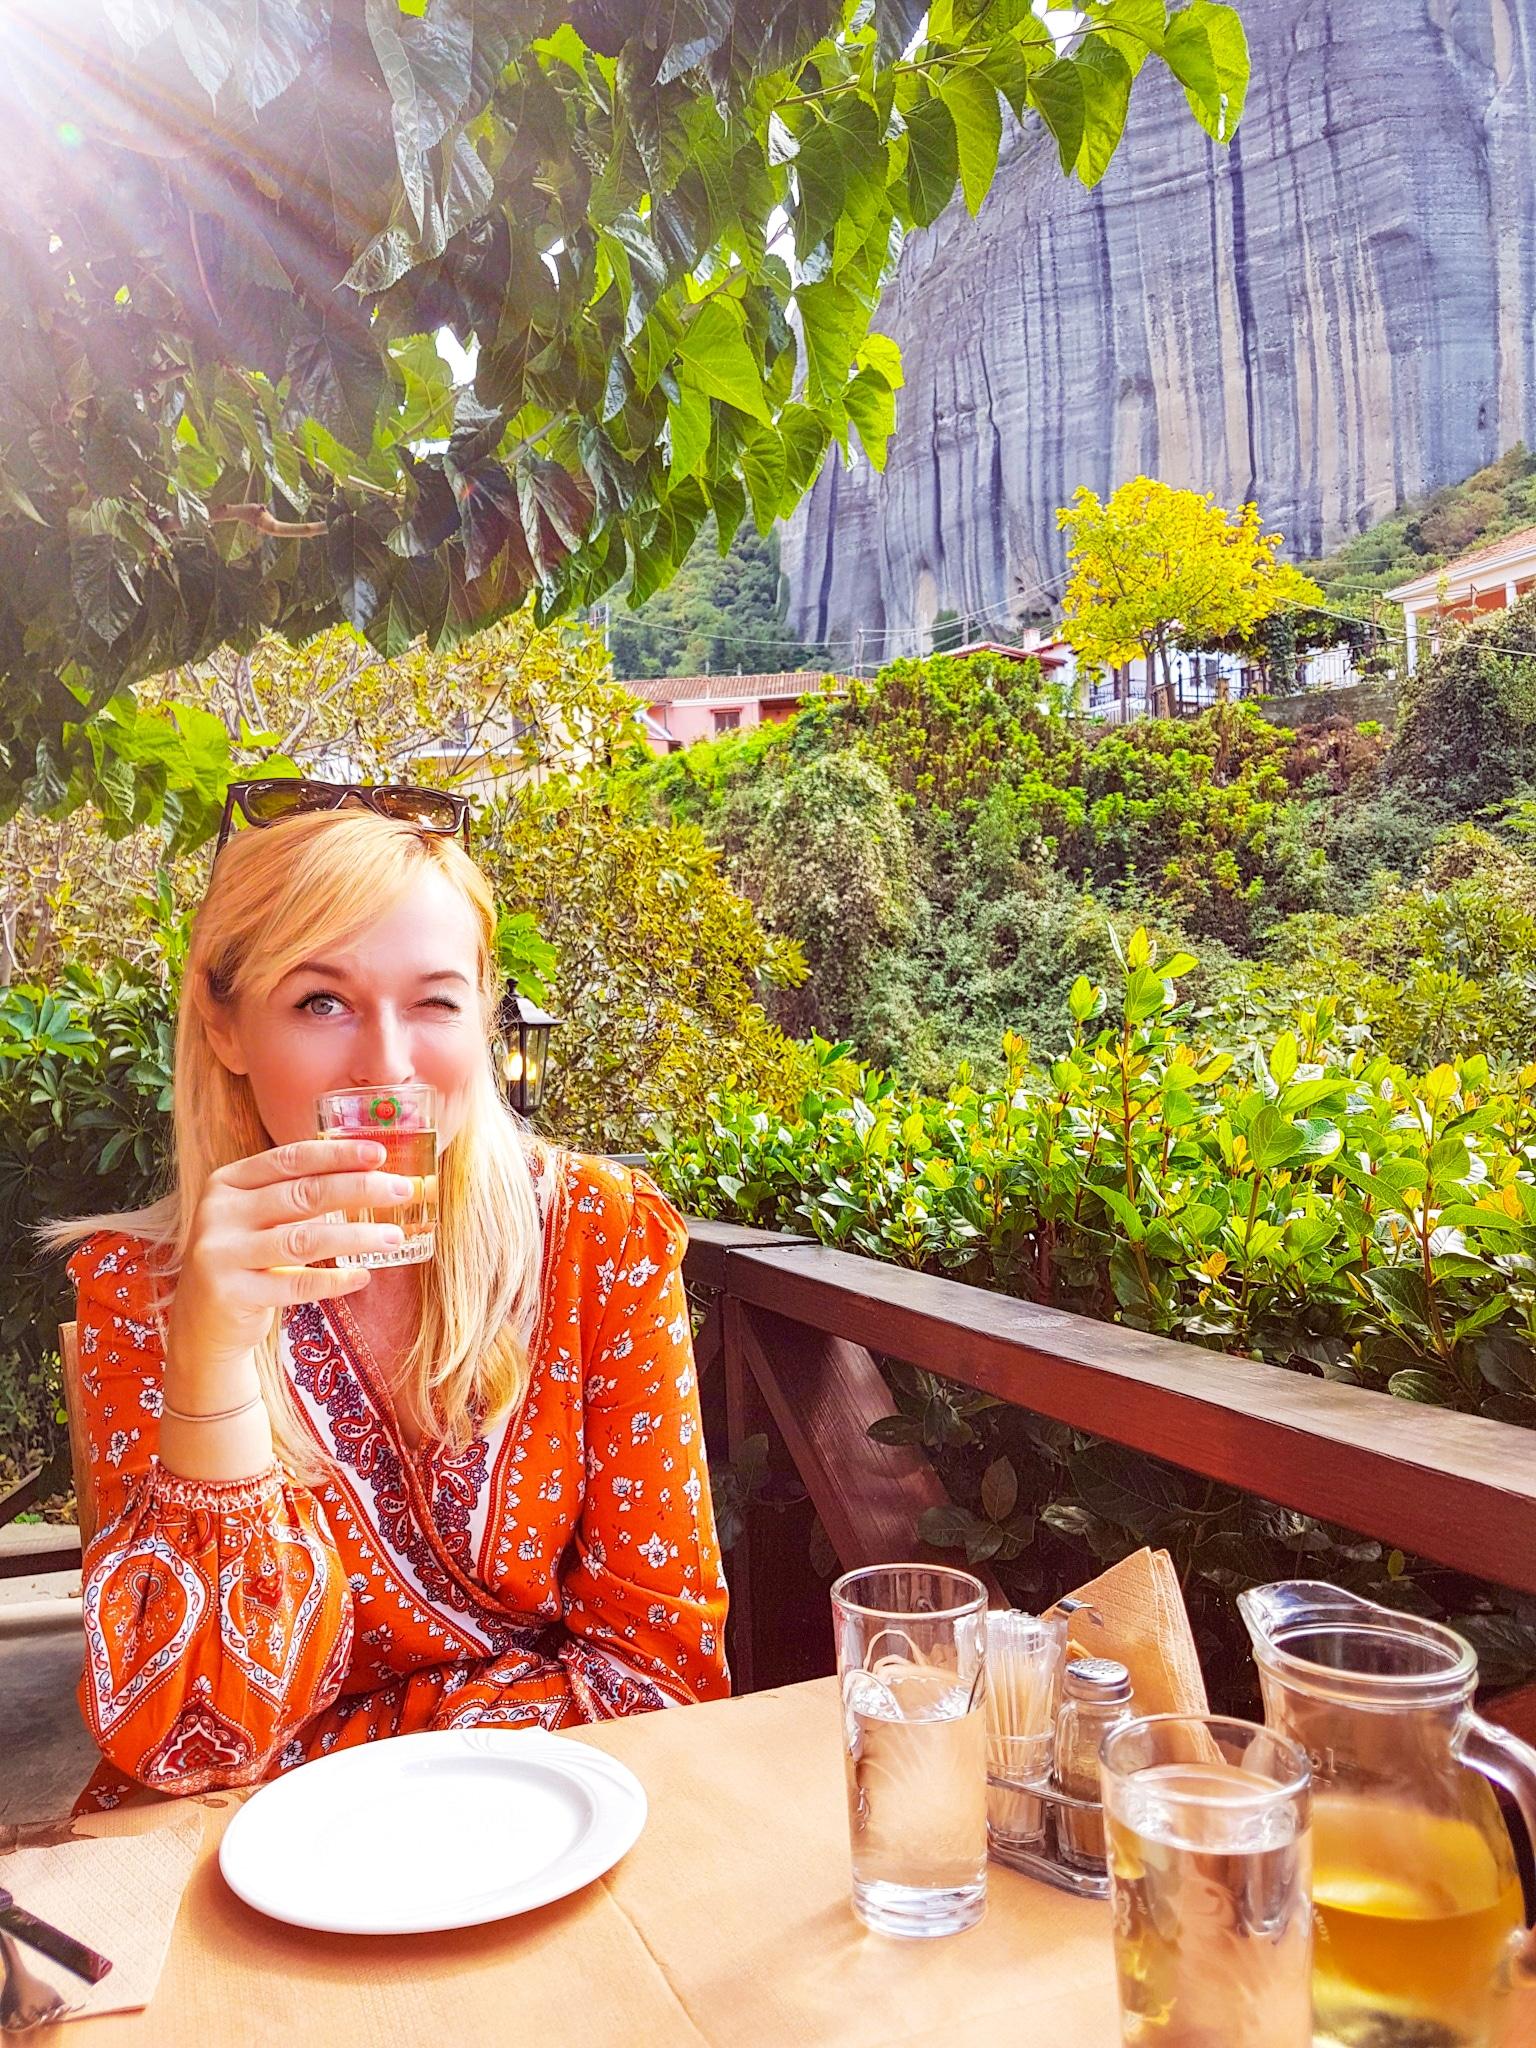 Qué hacer en Meteora? vista de uno de los restaurantes recomendados